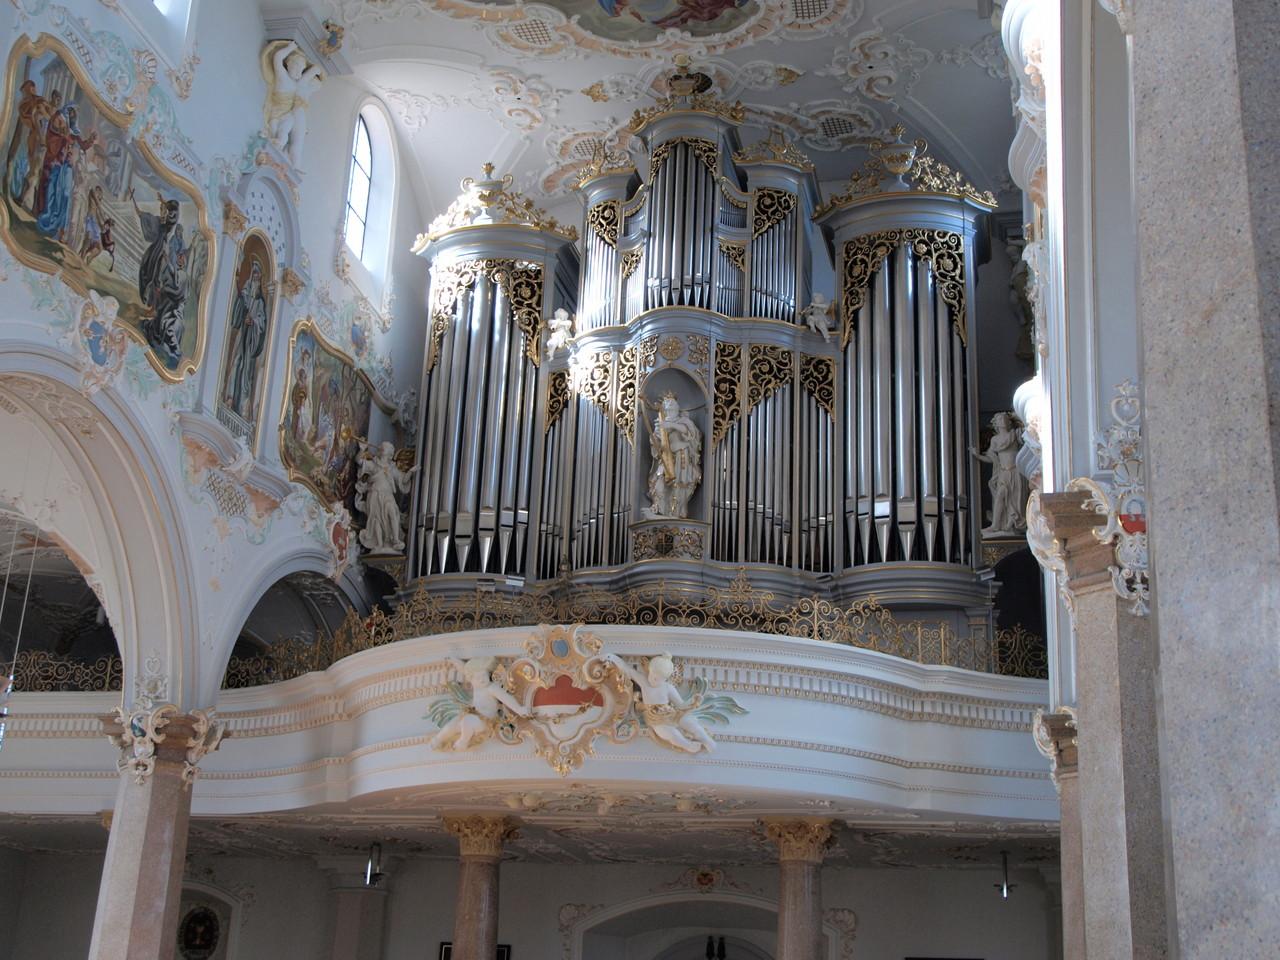 Orgue du facteur d'orgues Zurichois Mertzler